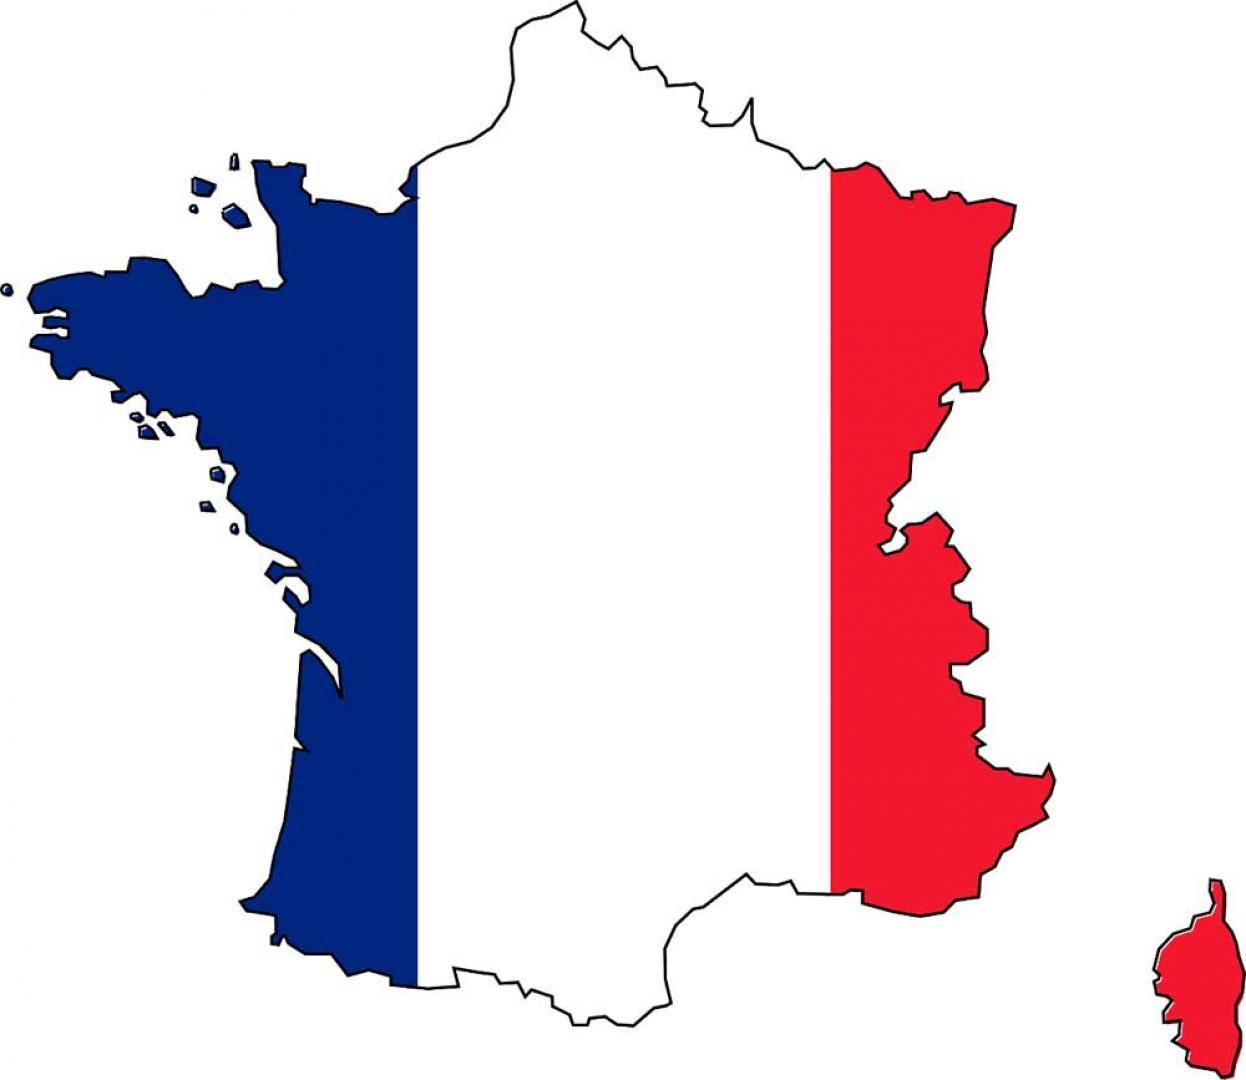 Studiereis naar Frankrijk 10-14 september - aanmelden kan tot 25 juli.